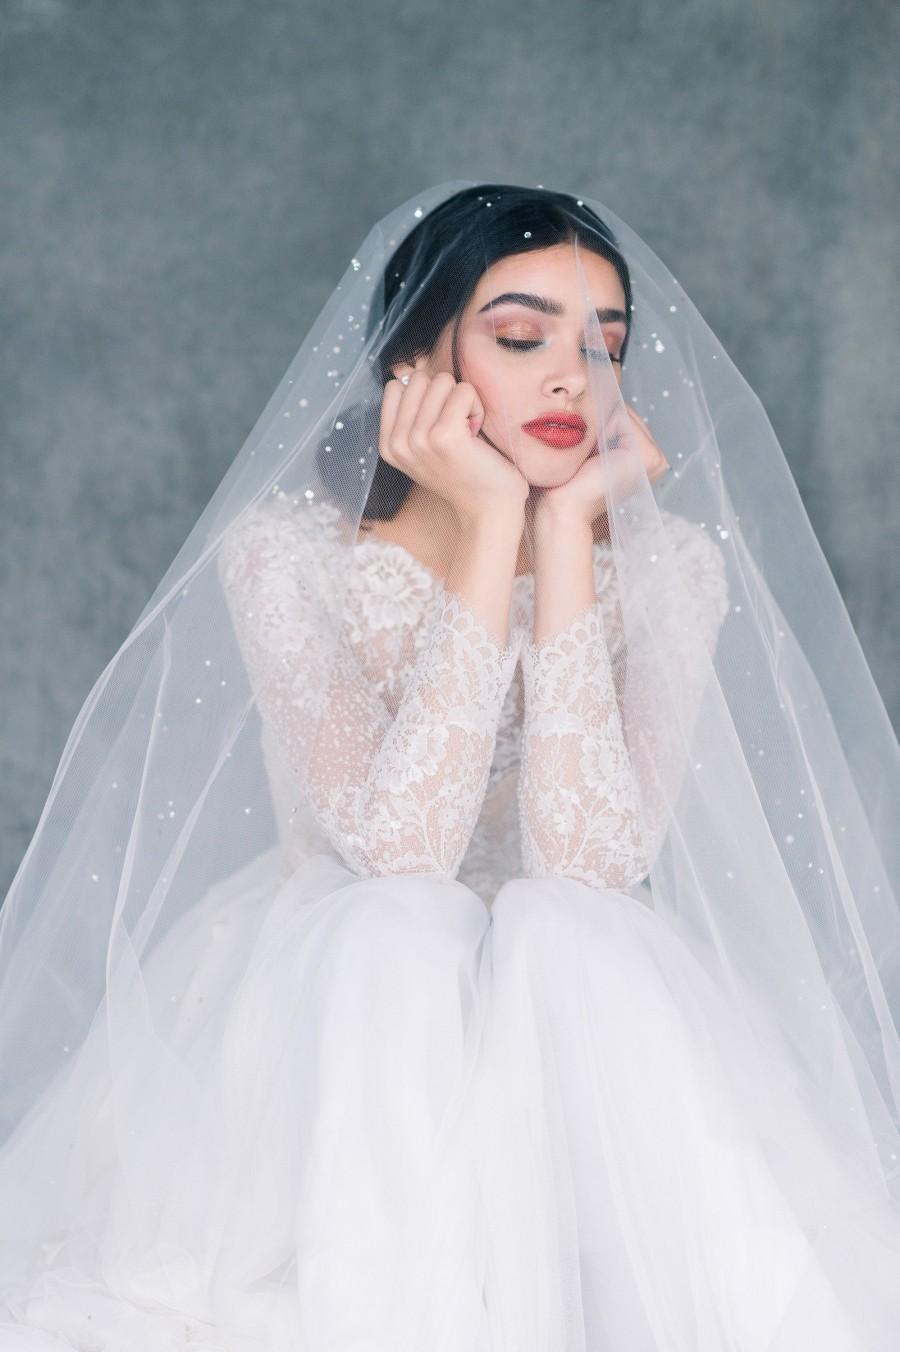 Свадьба - Scattered Crystal Drop Veil, Pearl Blusher Veil, Statement Bridal Veil, Ivory Wedding Veil, Chapel Length Veil, White Cathedral Veil, ASHLYN